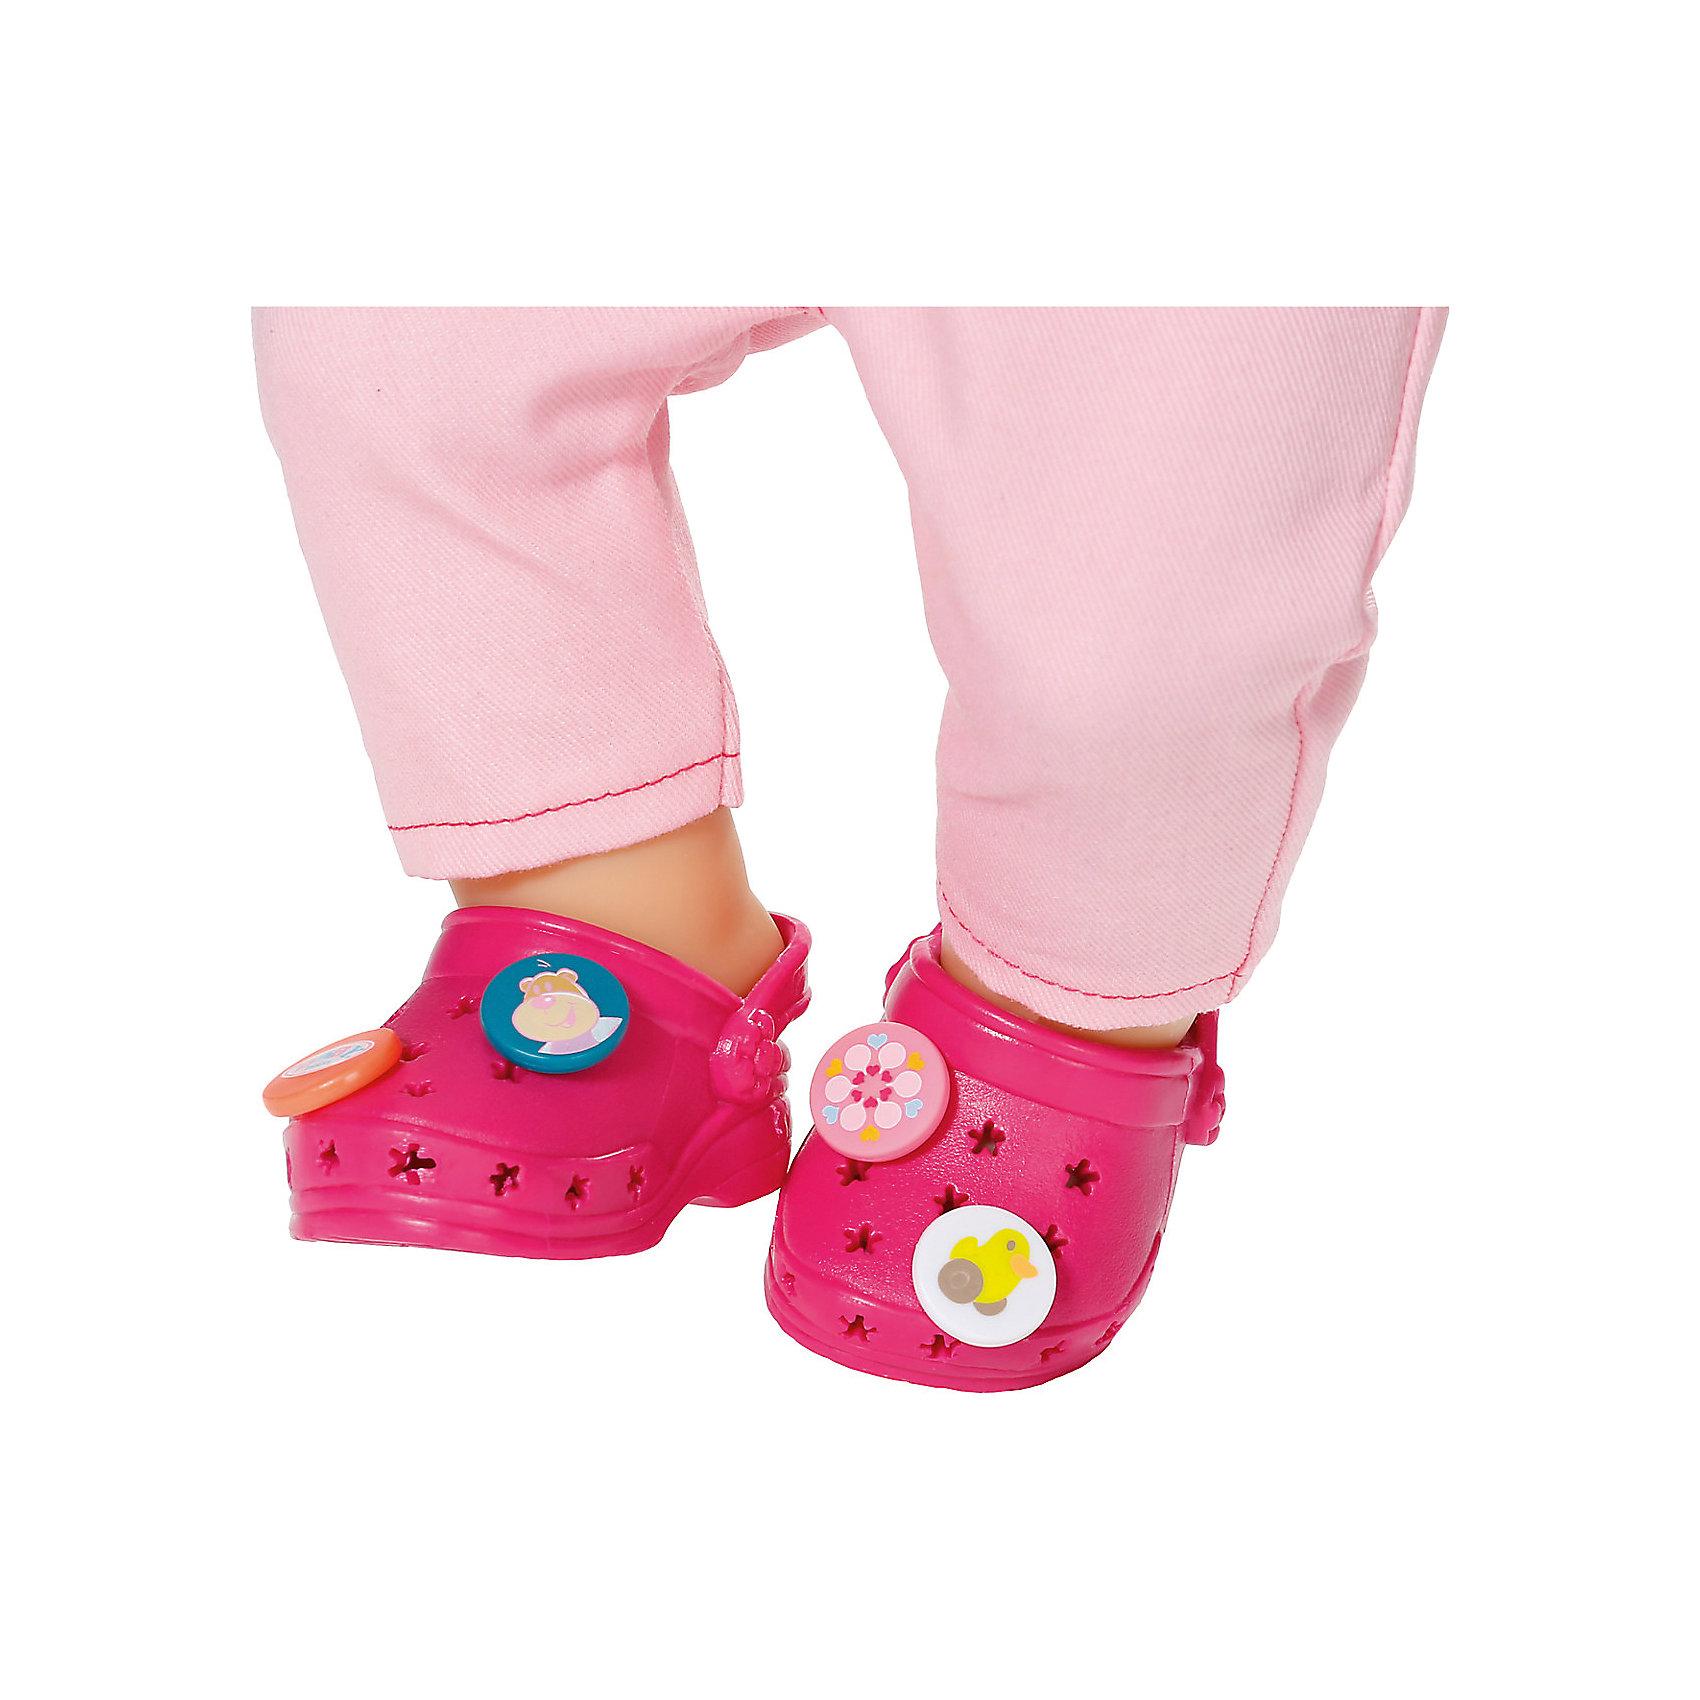 Сандали фантазийные, розовые, BABY bornБренды кукол<br>Характеристики товара:<br><br>- цвет: розовый;<br>- материал: полиуретан;<br>- возраст: от трех лет.<br><br>Кукольная обувь – мечта всех девочек, обожающих играть в дочки-матери! Куклы Бэби Борн – абсолютные фавориты среди детских игрушек. Одно из преимуществ моделей – возможность переодевать куклу на свое усмотрение. Фантазийные сандали – интересный и необычный аксессуар, который представлен в новой коллекции одежды для куклы Бэби борн. Сандали можно украшать забавными элементами, закрепляя их в специальных дырочках. Материалы, использованные при изготовлении изделия, абсолютно безопасны и полностью отвечают международным требованиям по качеству детских товаров.<br><br>Сандали фантазийные, розовые, BABY born можно купить в нашем интернет-магазине.<br><br>Ширина мм: 178<br>Глубина мм: 129<br>Высота мм: 40<br>Вес г: 84<br>Возраст от месяцев: 36<br>Возраст до месяцев: 2147483647<br>Пол: Женский<br>Возраст: Детский<br>SKU: 5094036